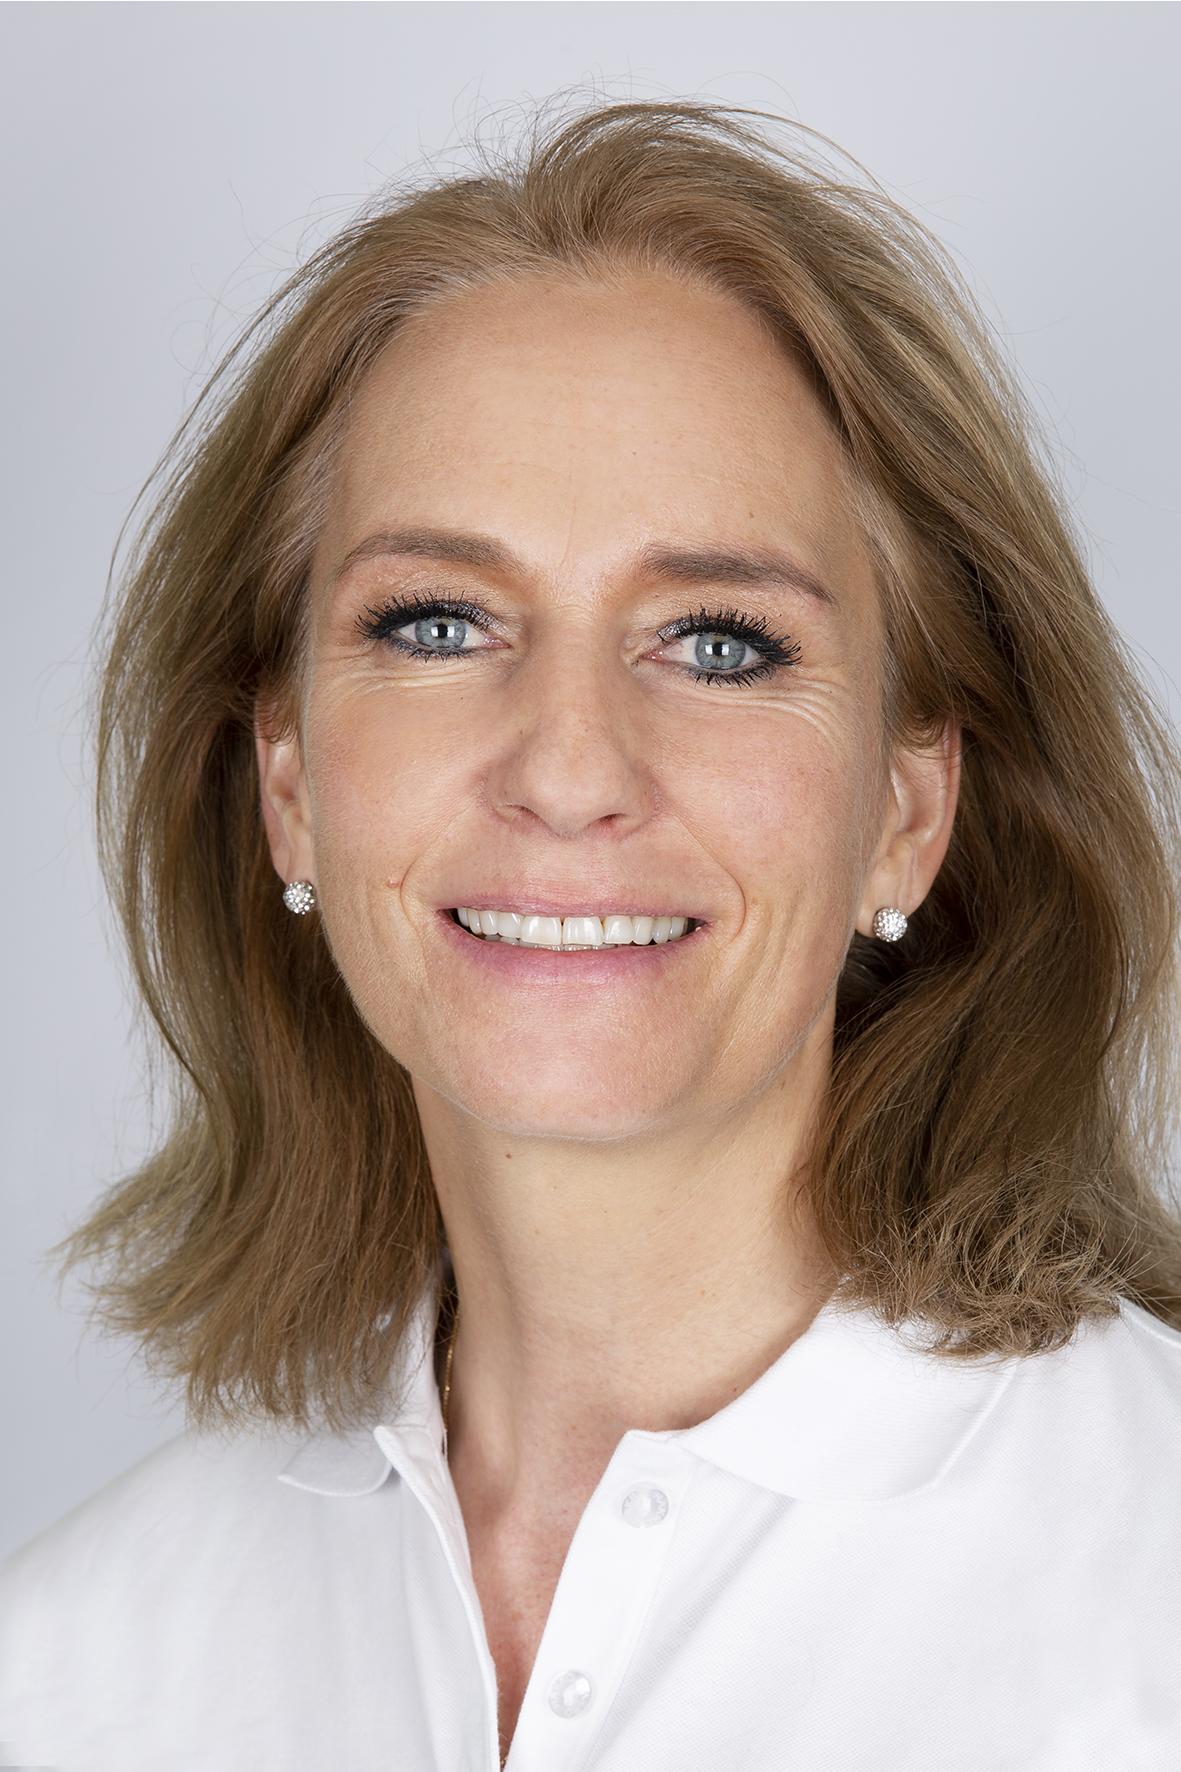 Paula Kirchhoff